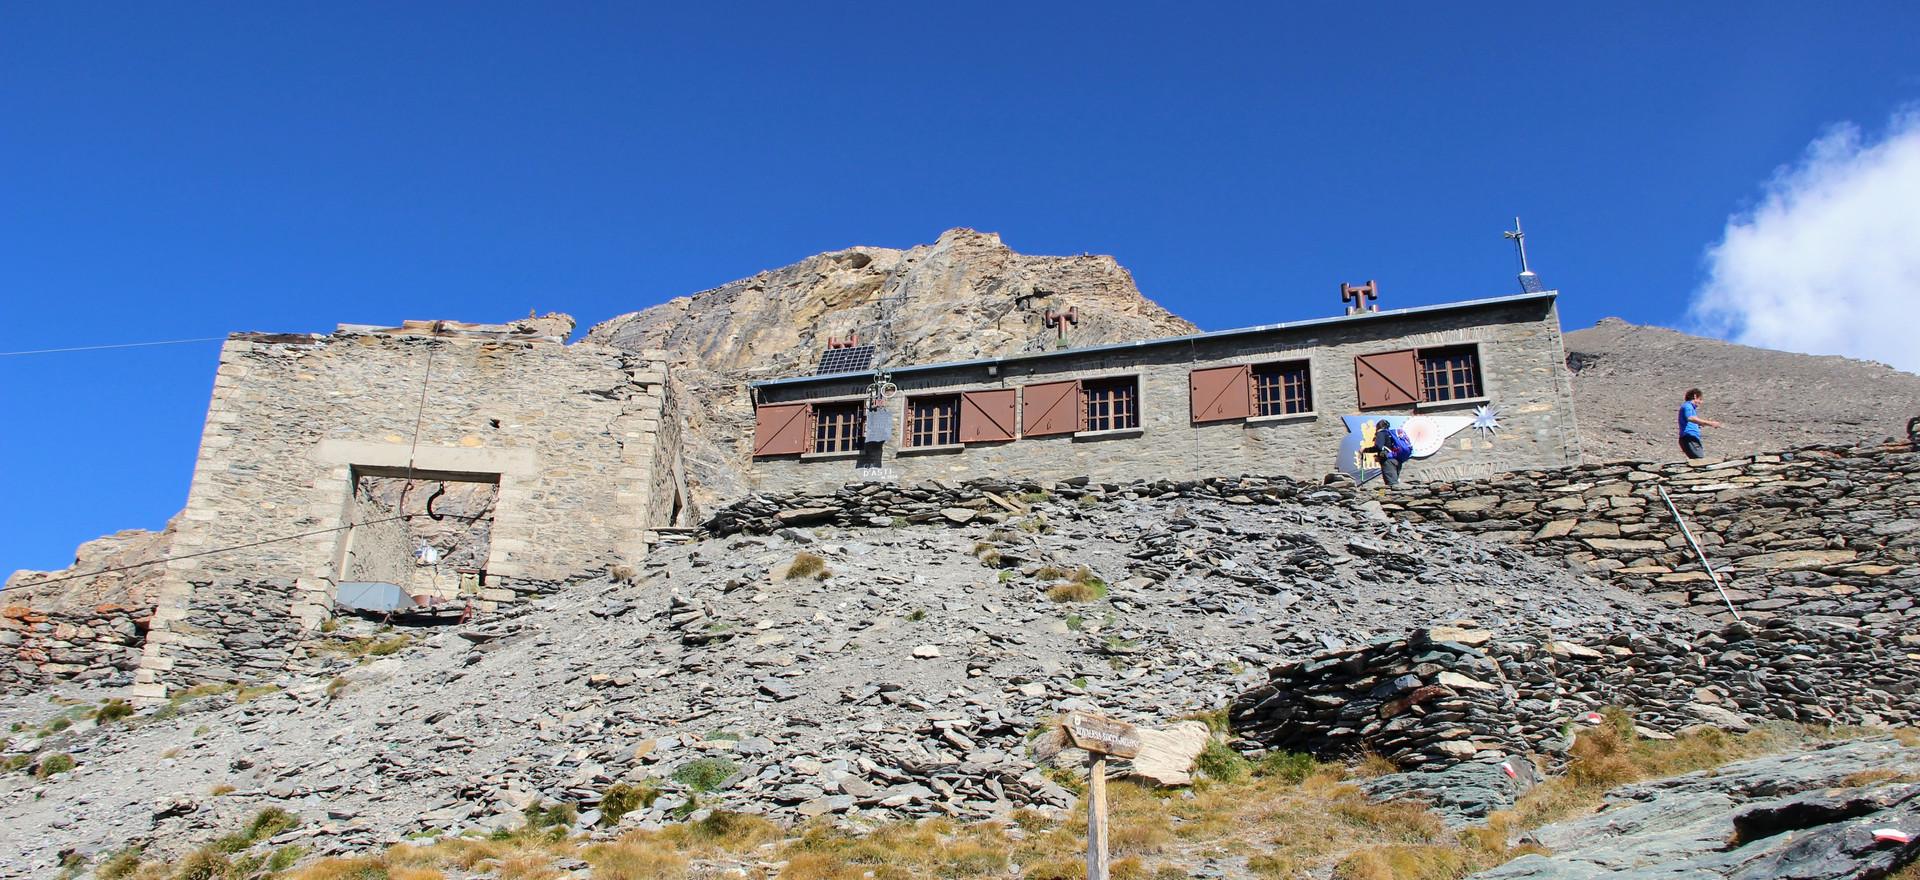 Le refuge de Ca' d'Asti (2854 m)